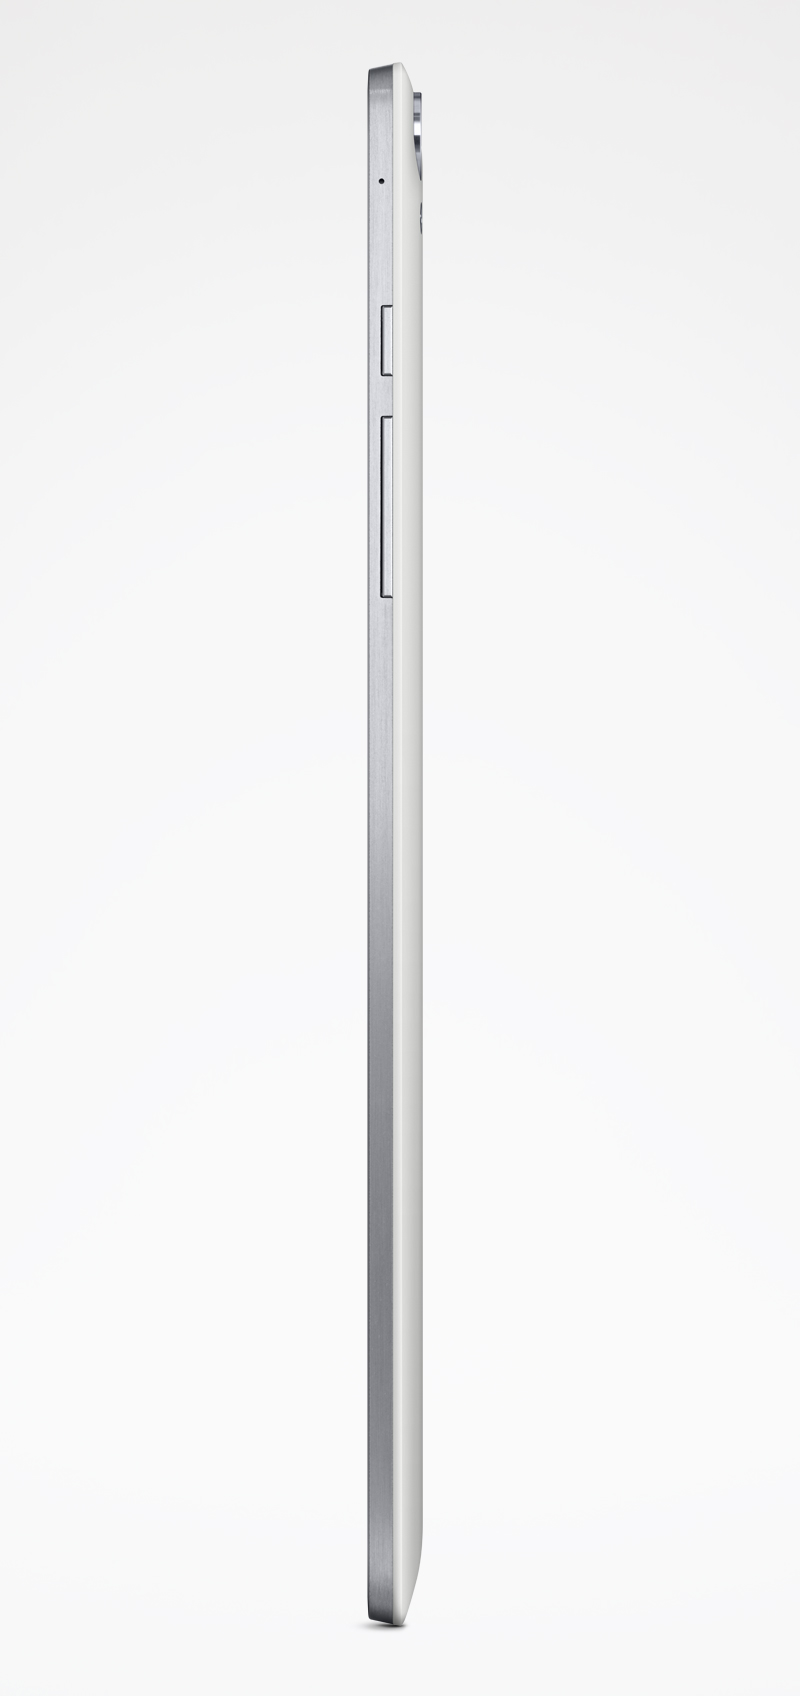 nexus9-design-brosse